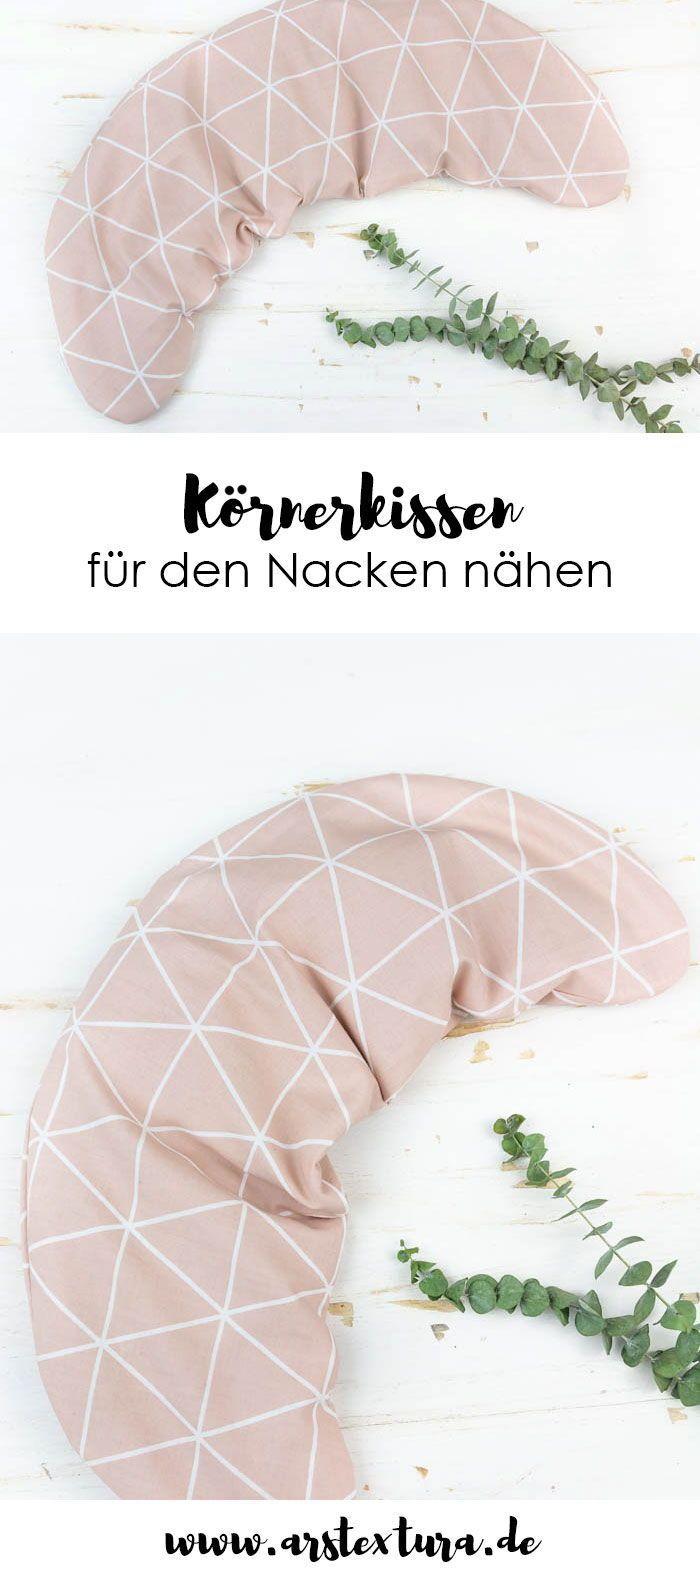 Körnerkissen für den Nacken nähen #fooddiy